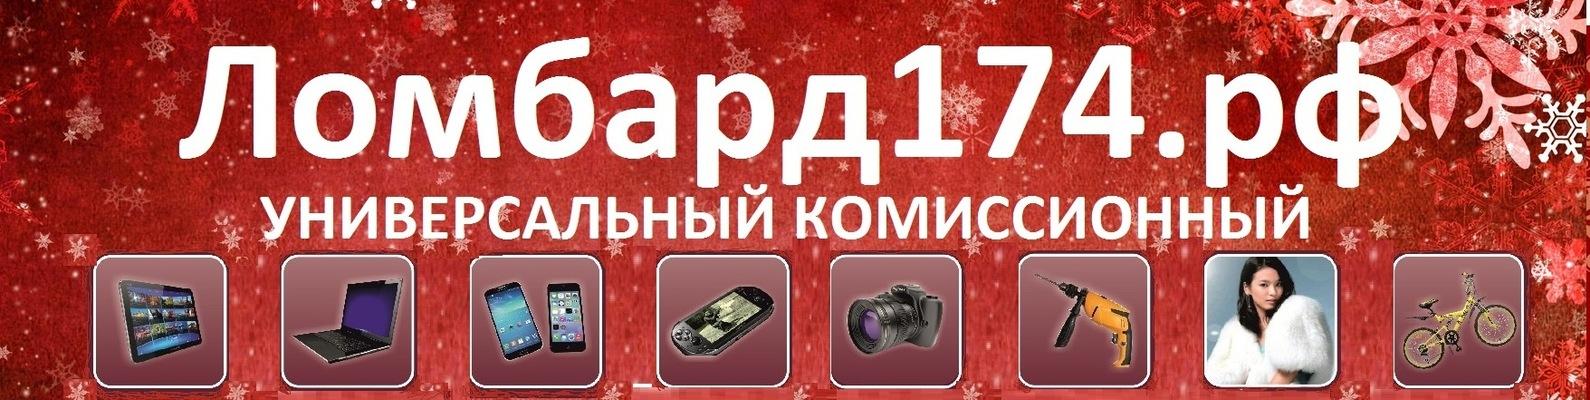 58b382a1baea КОМИССИОННЫЙ МАГАЗИН ЧЕЛЯБИНСК Ломбард174.рф   ВКонтакте